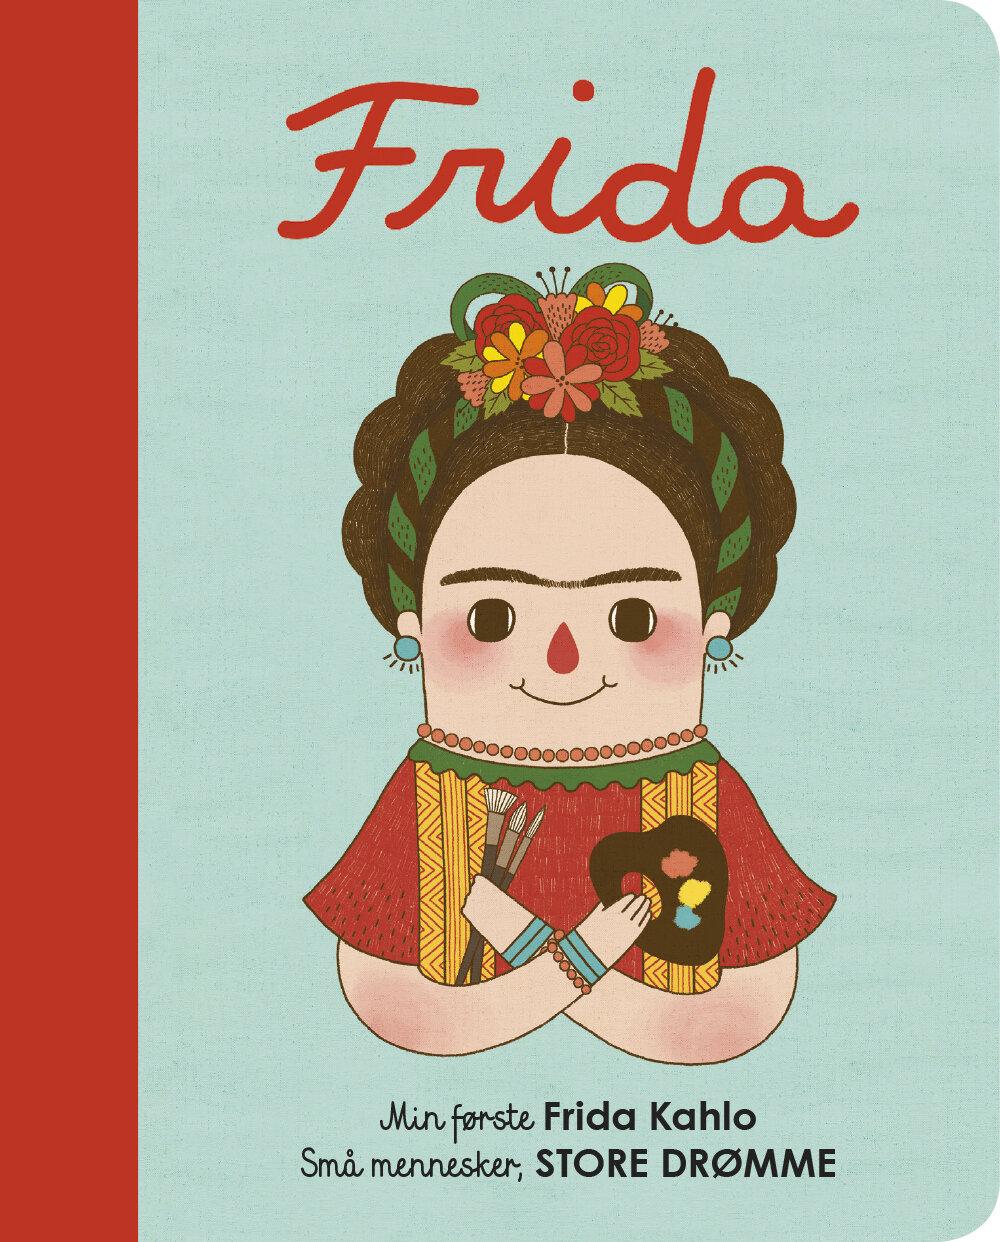 Min første Frida Kahlo